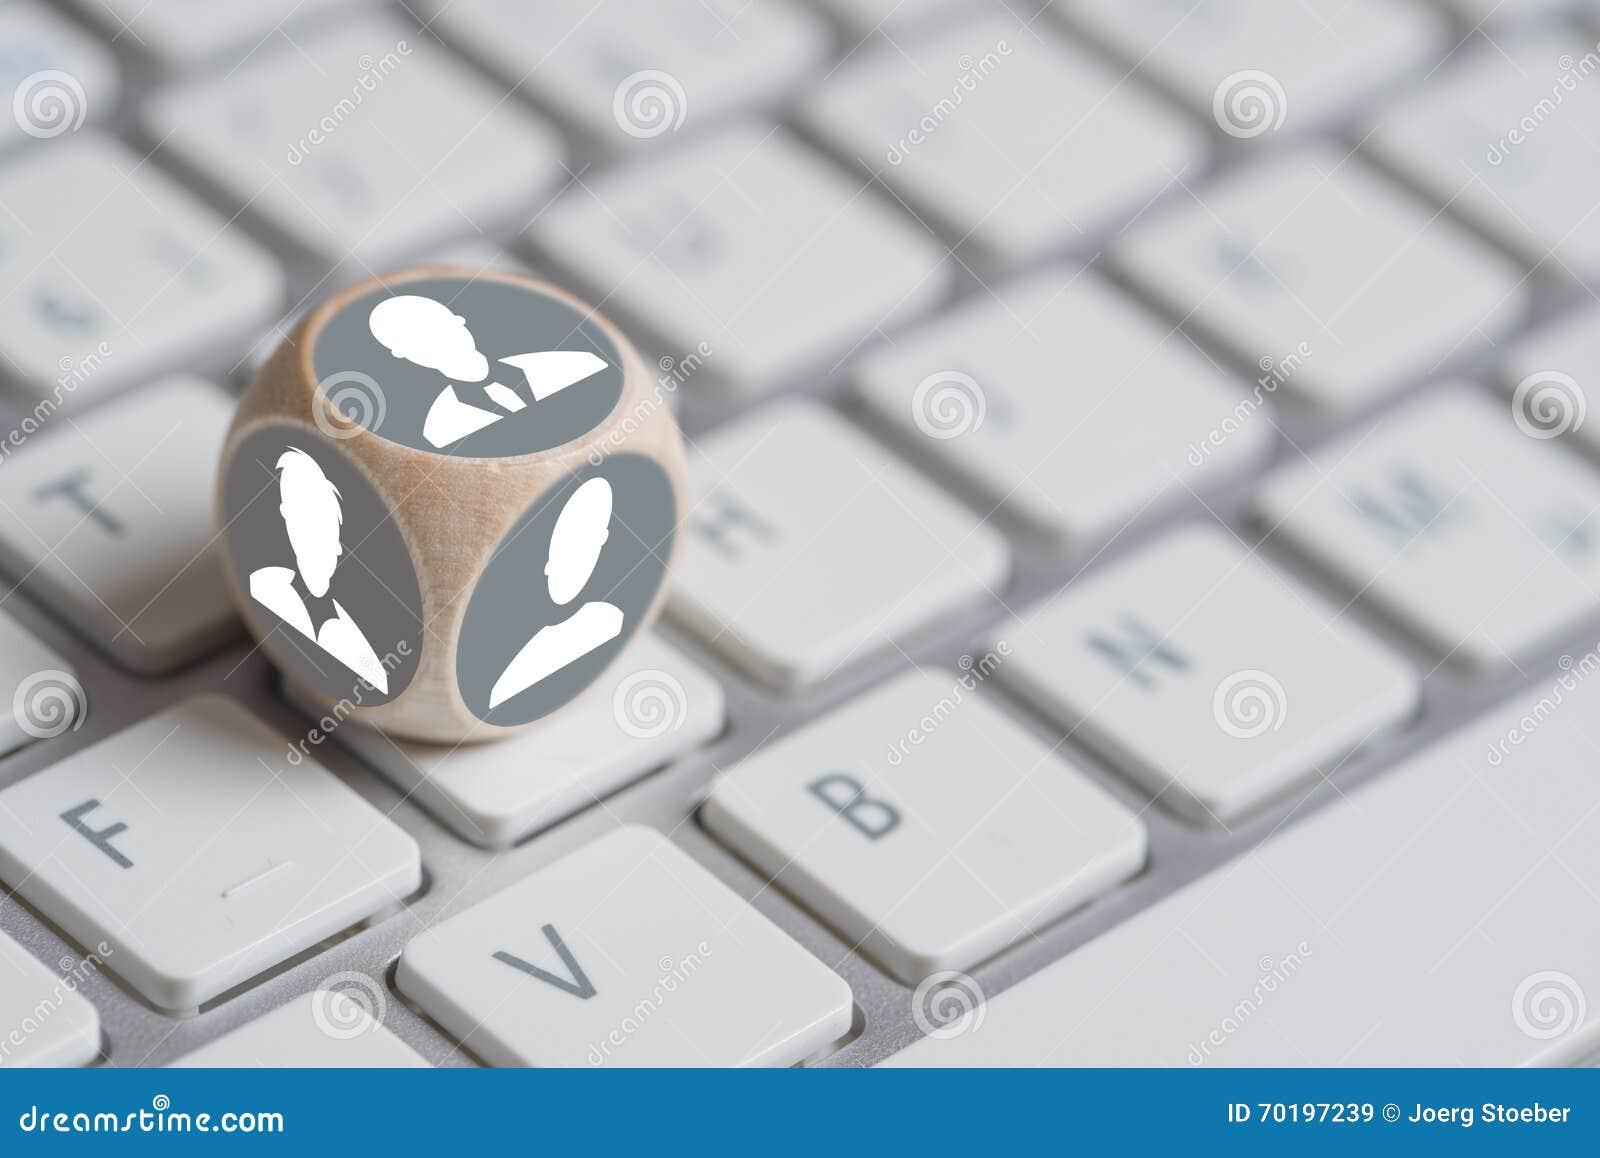 Cubo Con Símbolos De La Gente En Un Teclado Imagen de